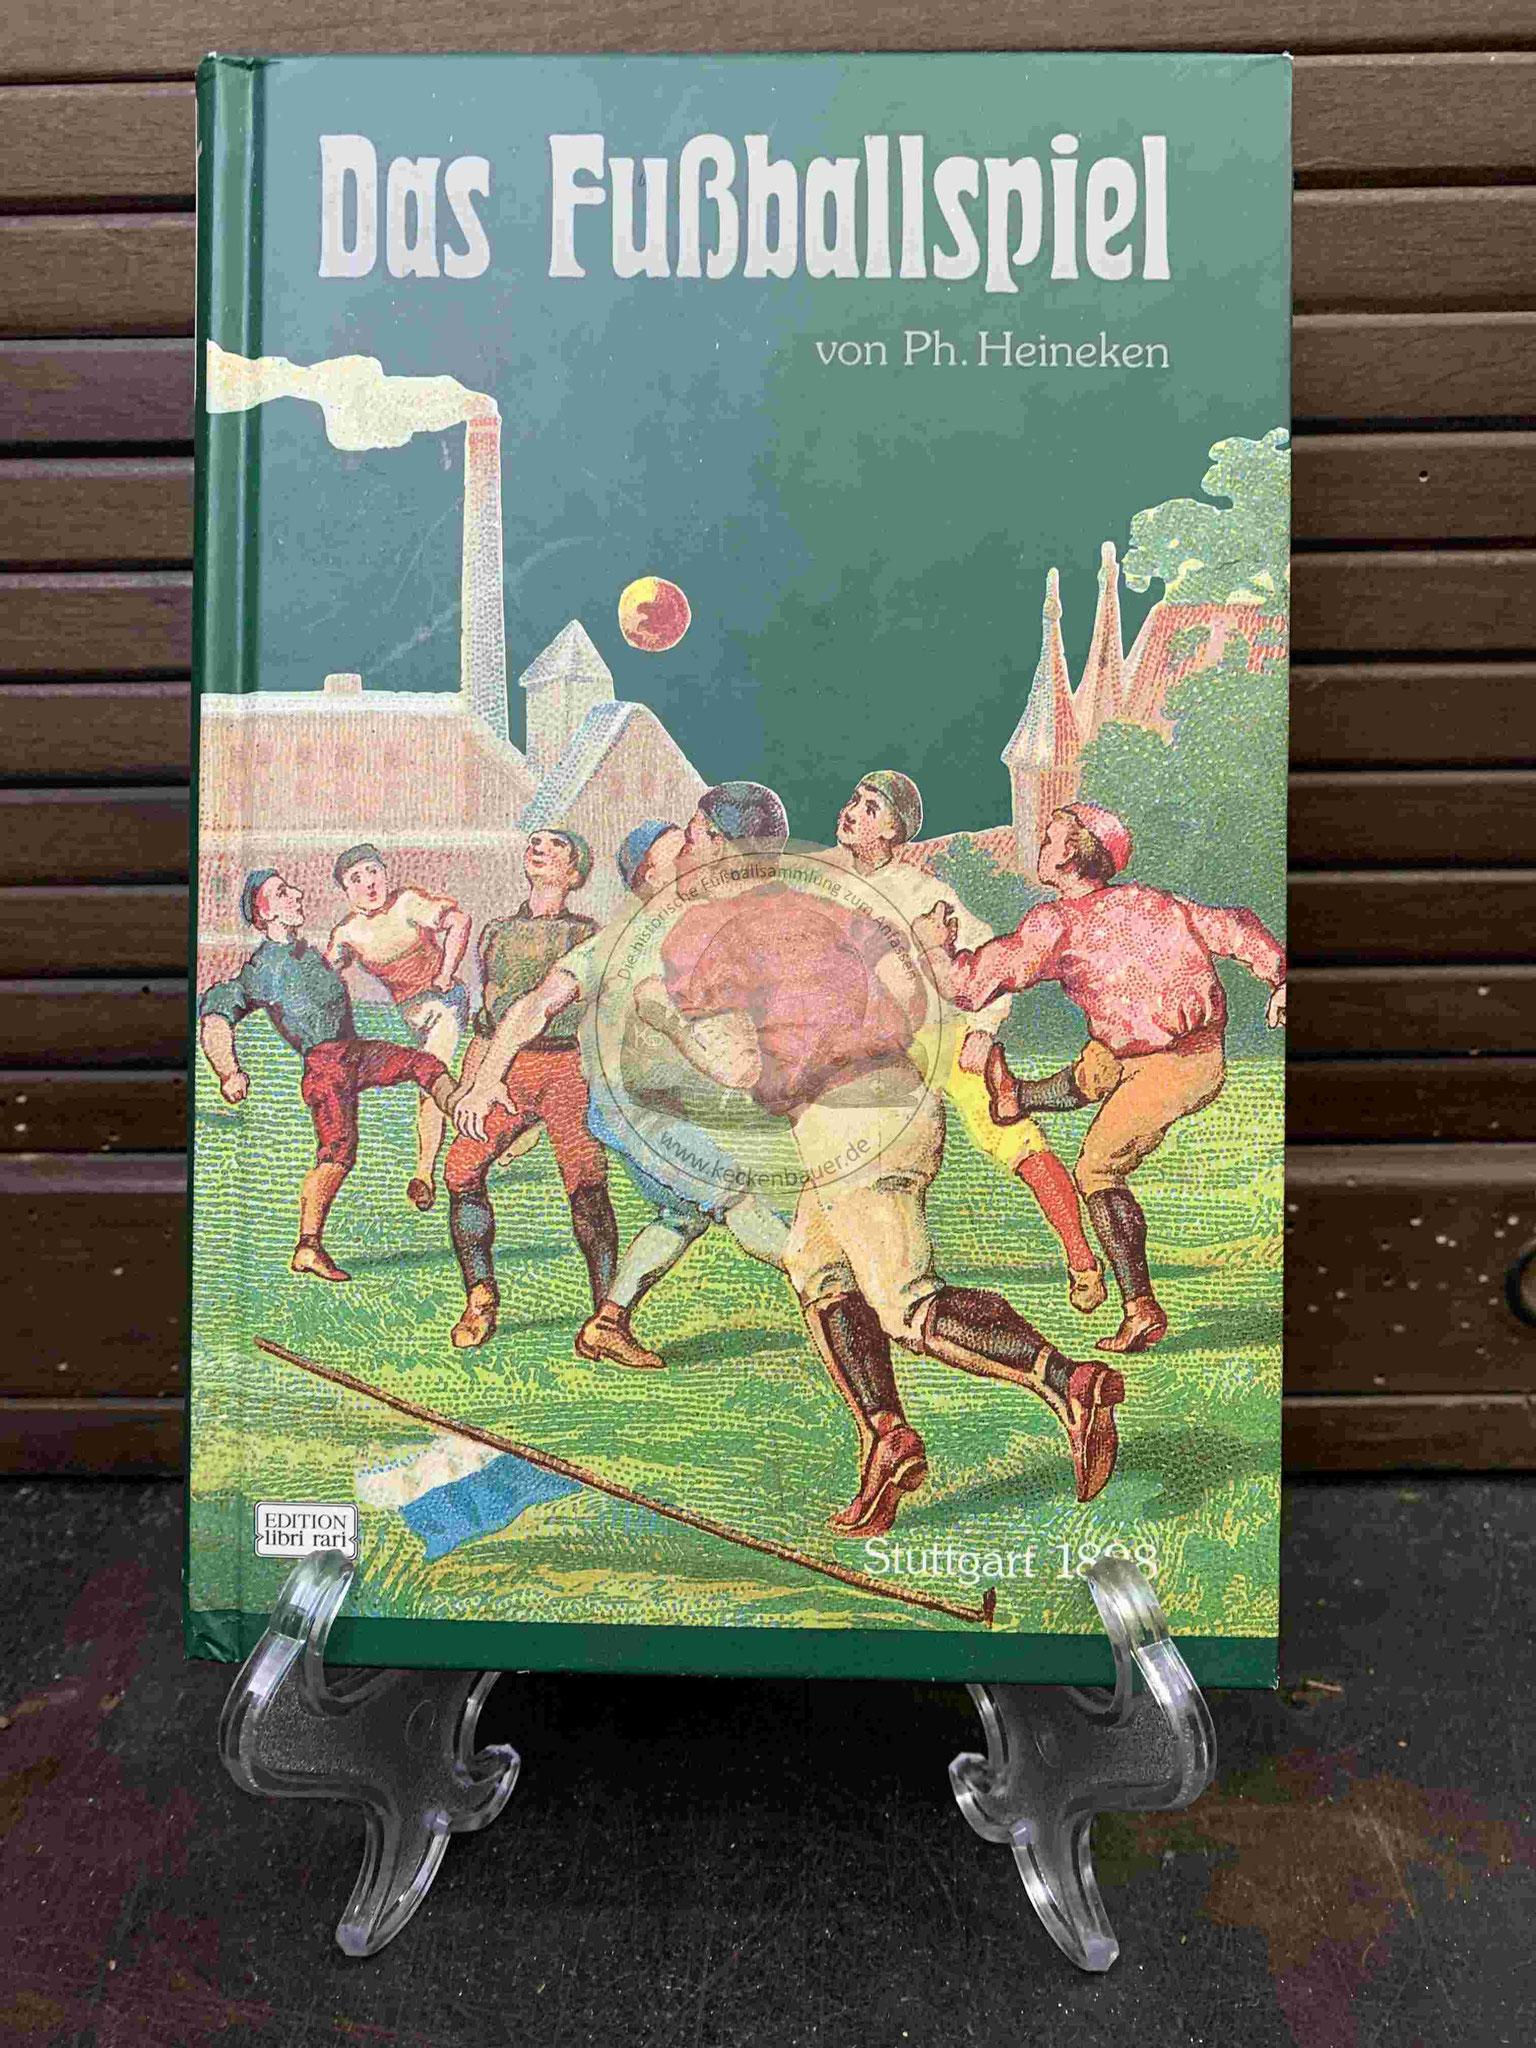 Das Fußballspiel Association und Rugby von Ph. Heineken aus dem Jahr 1898, hier ein Reprint aus dem Jahr 1994